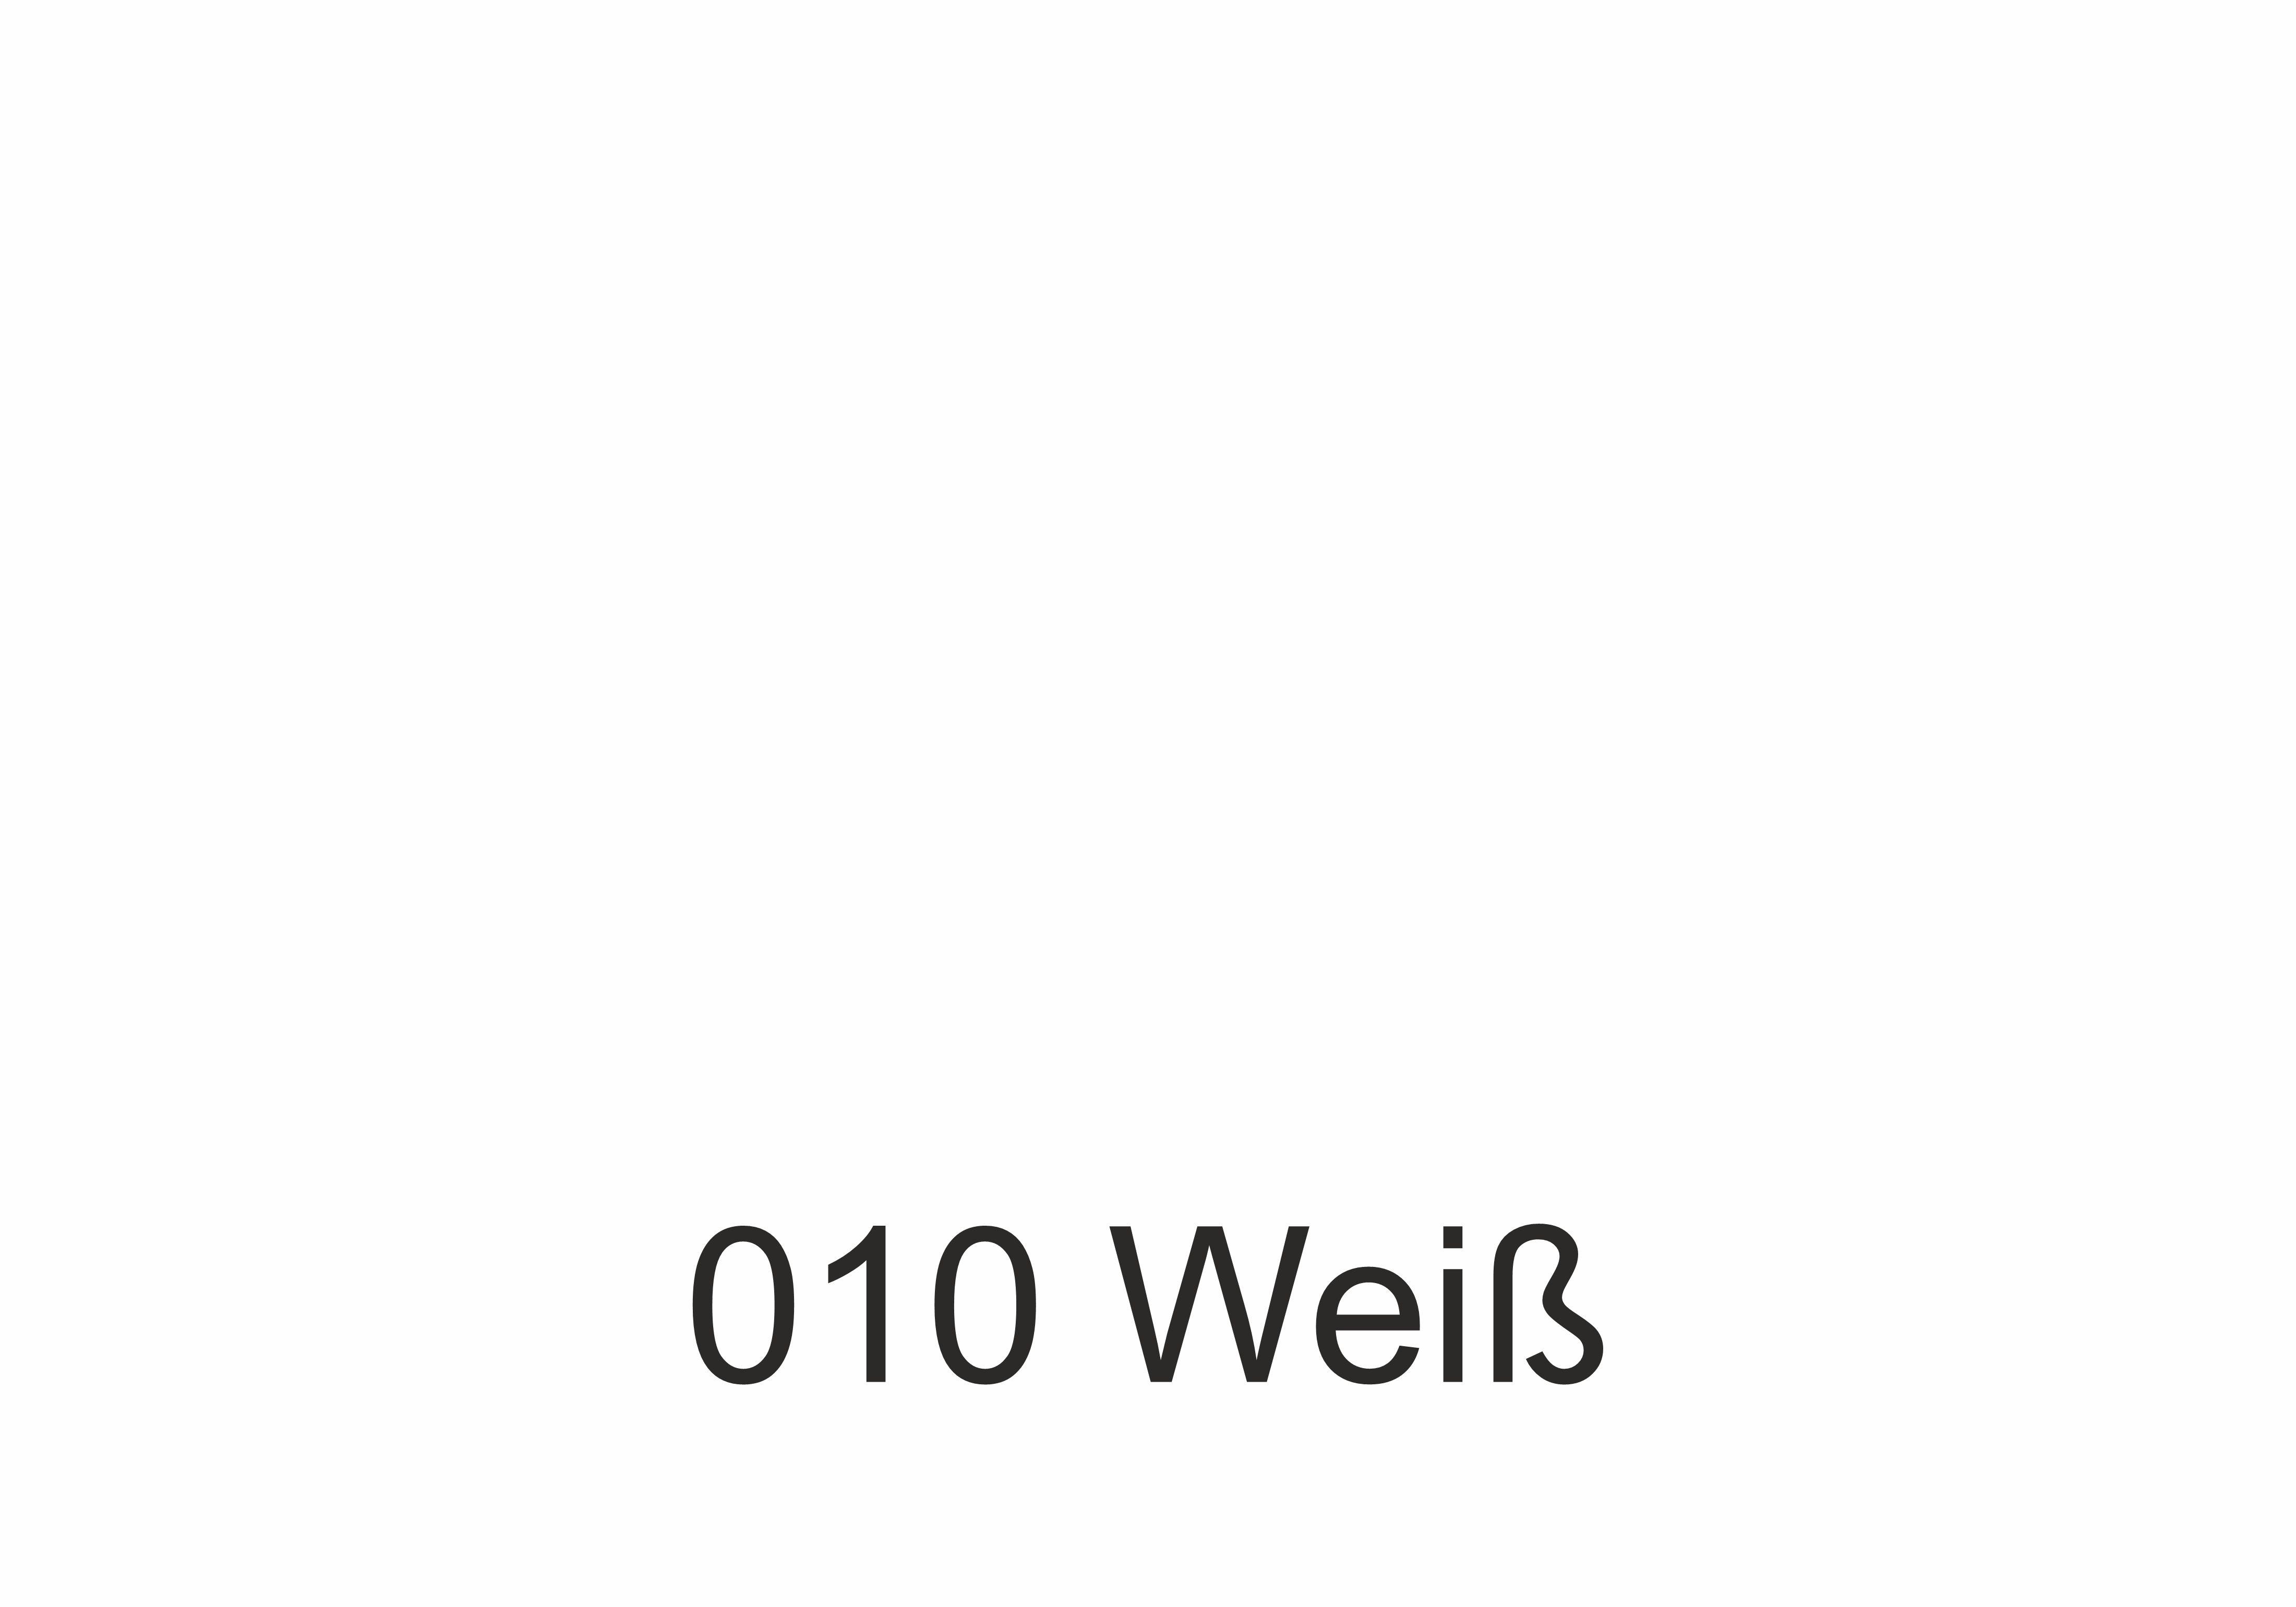 010 Weiß